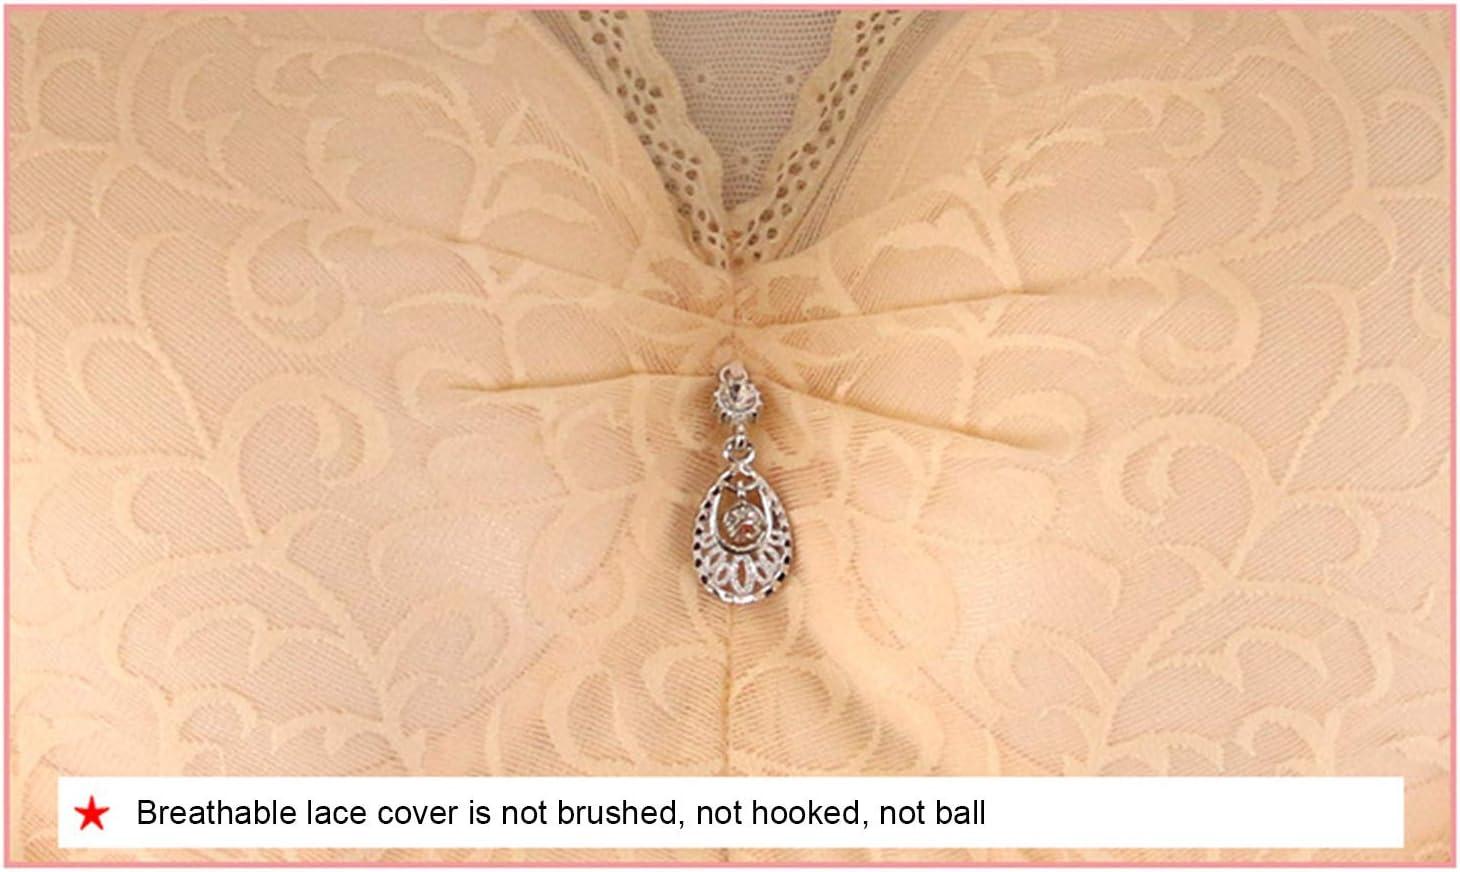 Postoperatoria Protesi seno Lace Bra Vest-Style confortevole Gathering senza anello in acciaio Underwear,75A